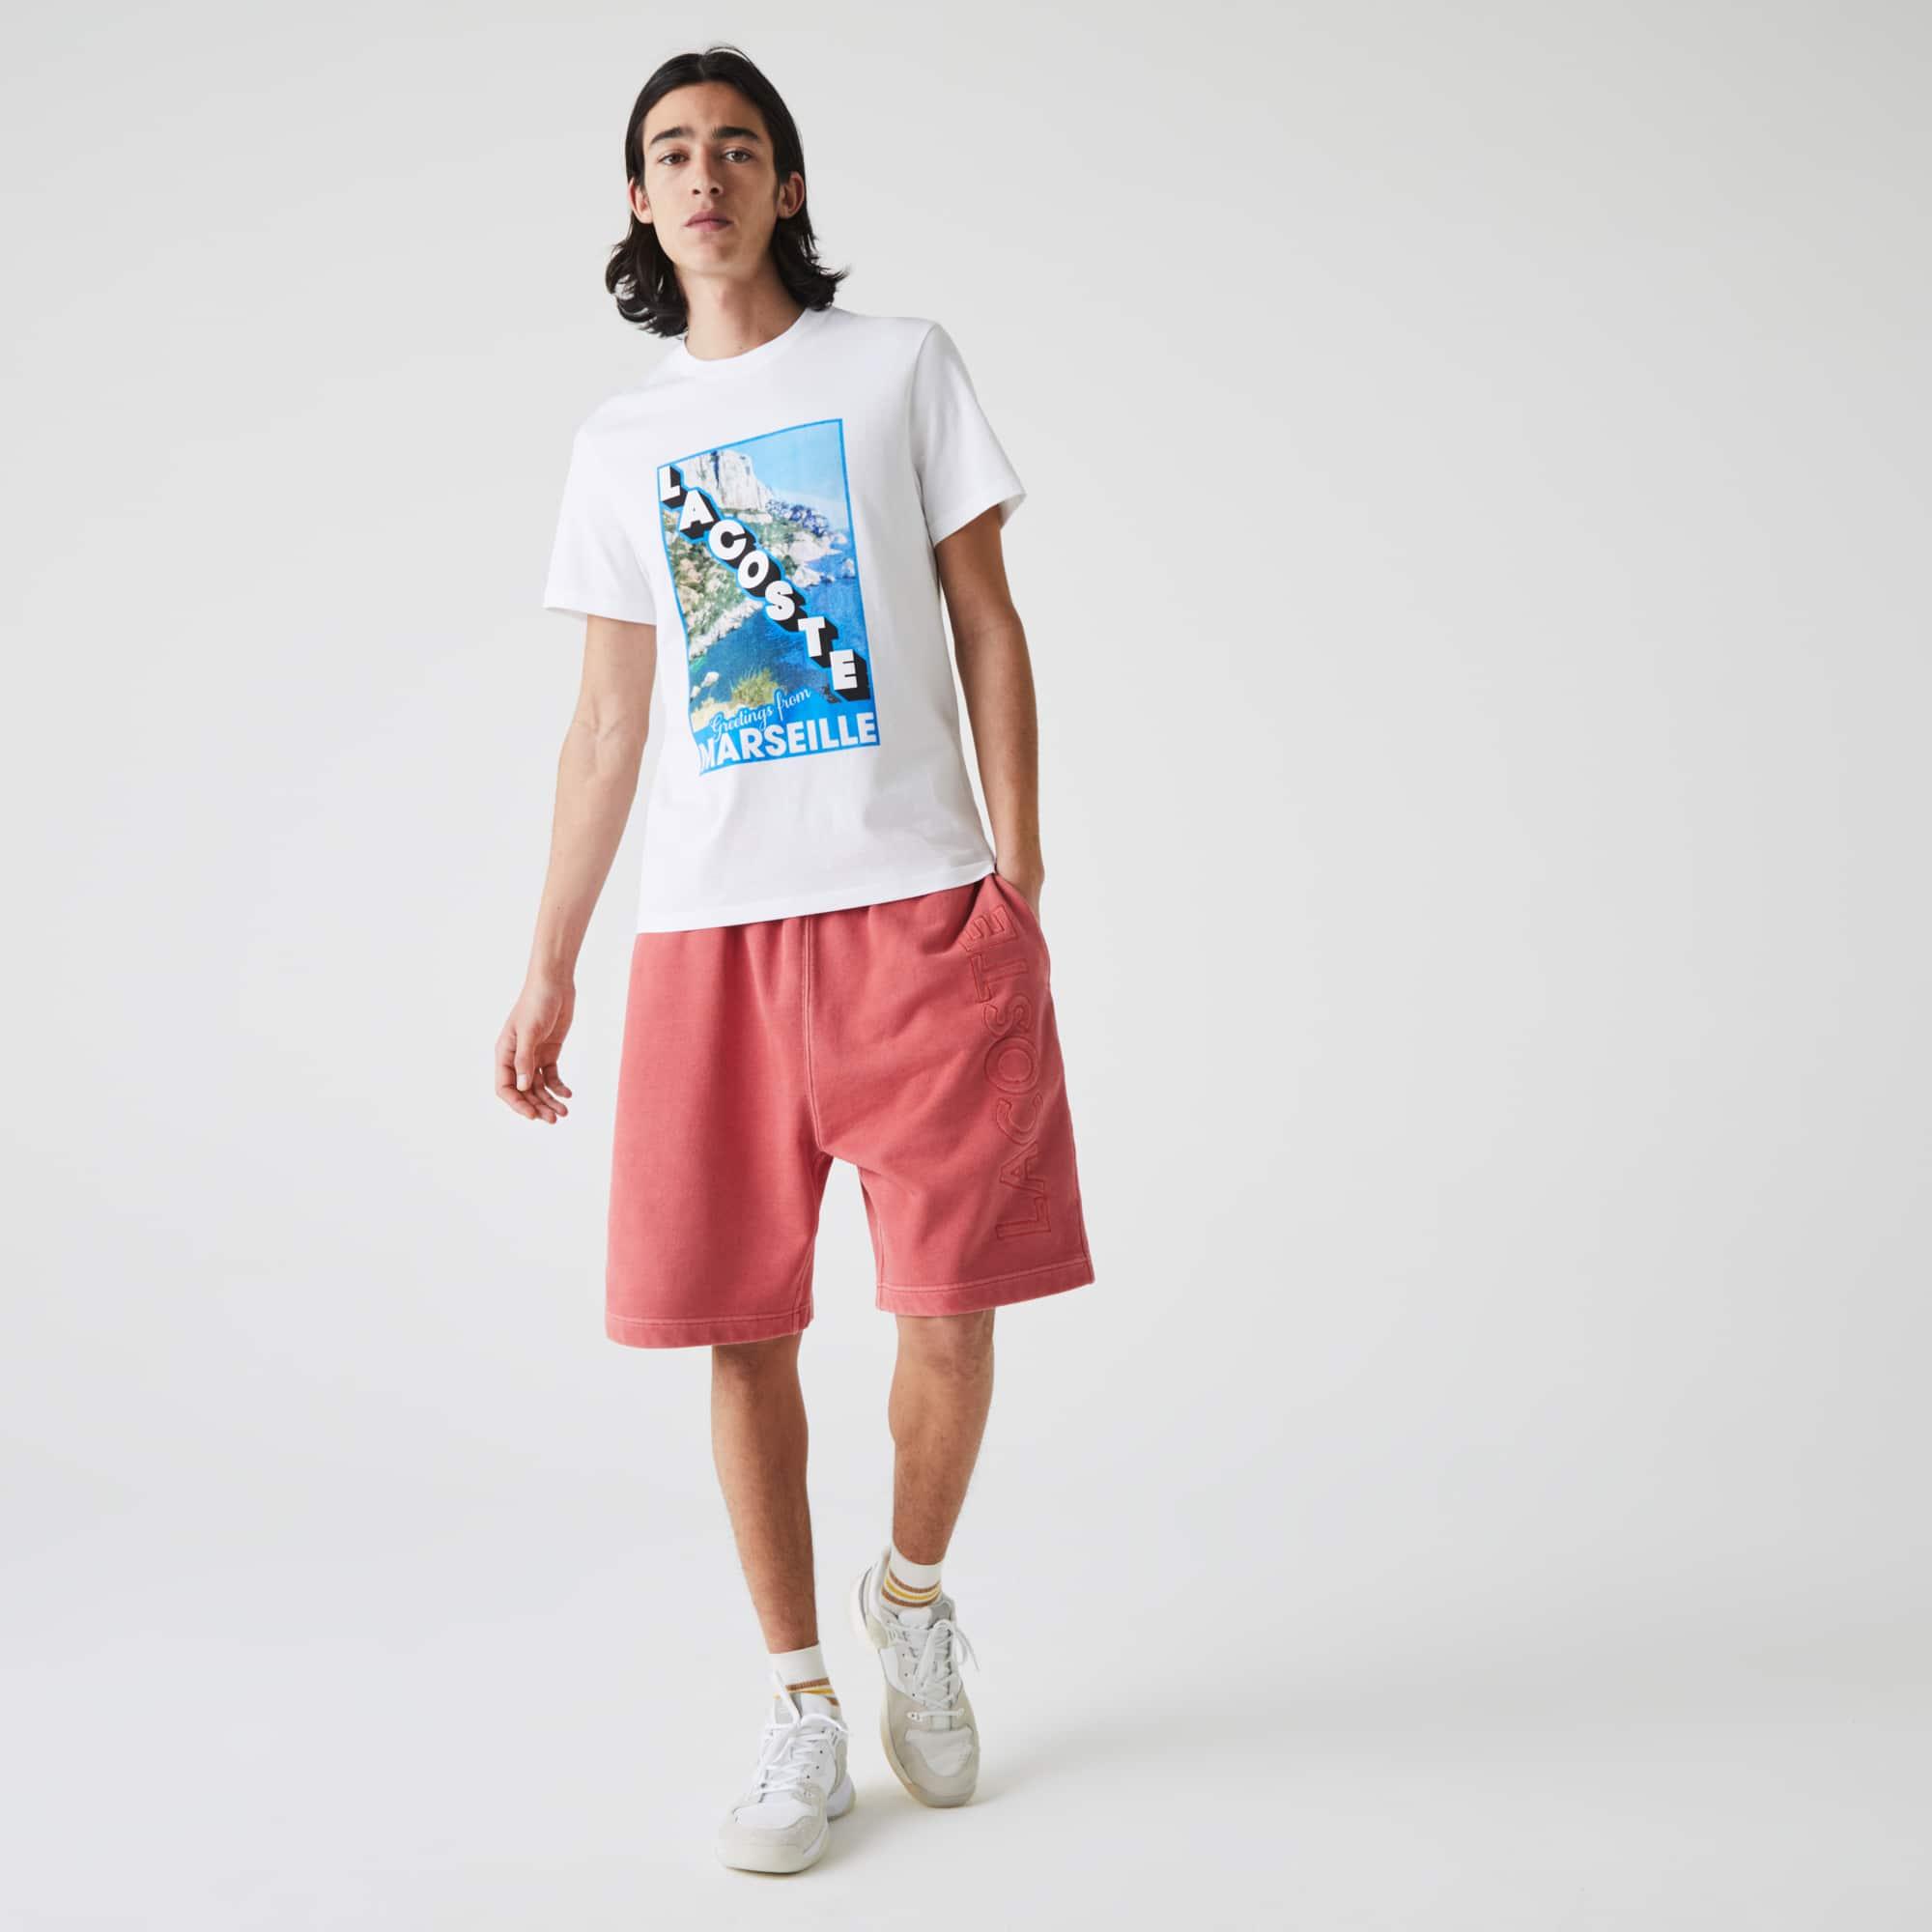 Lacoste T-shirt à col rond en coton imprimé paysage Taille 7 - XXL Blanc / Bleu